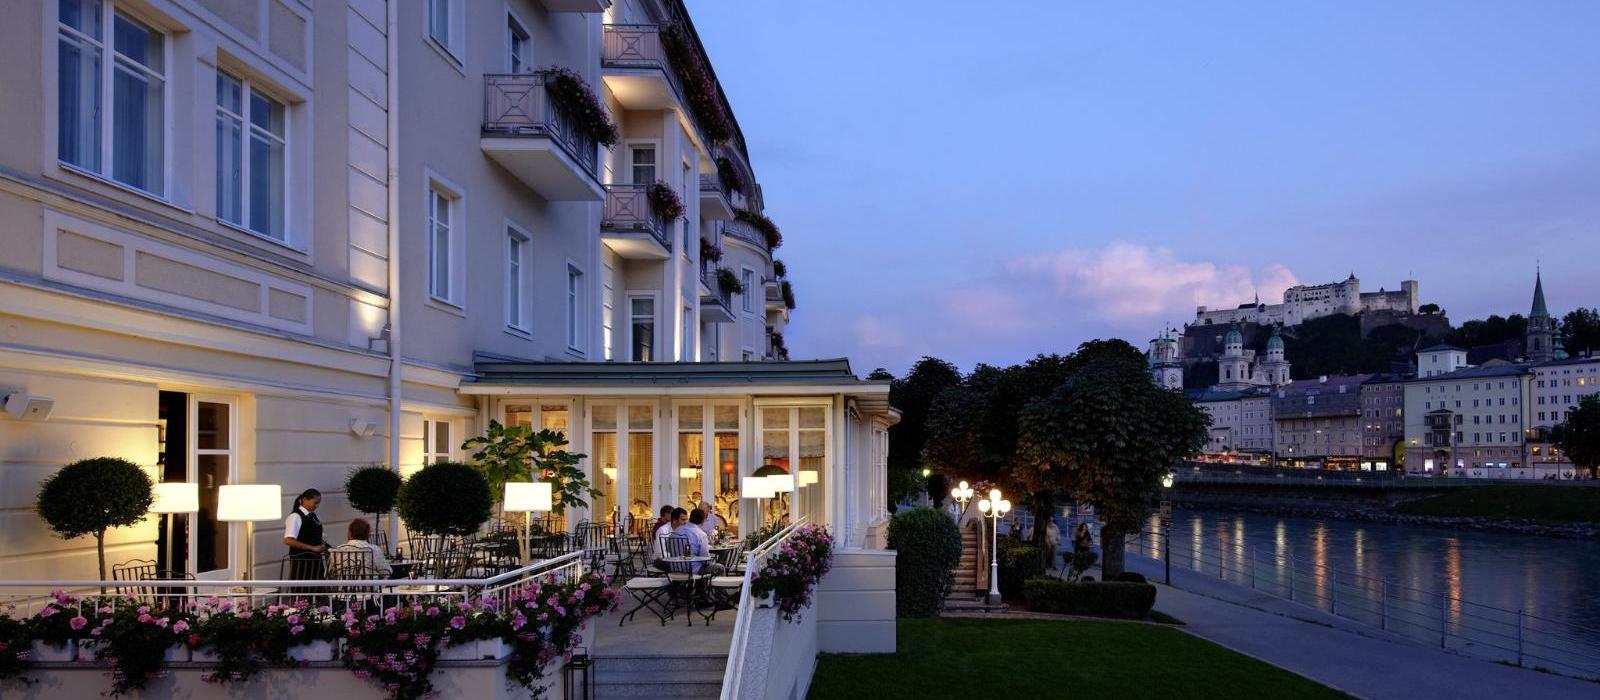 萨尔茨堡萨赫酒店(Hotel Sacher Salzburg) Sacher Bar 露台夜景图片  www.lhw.cn